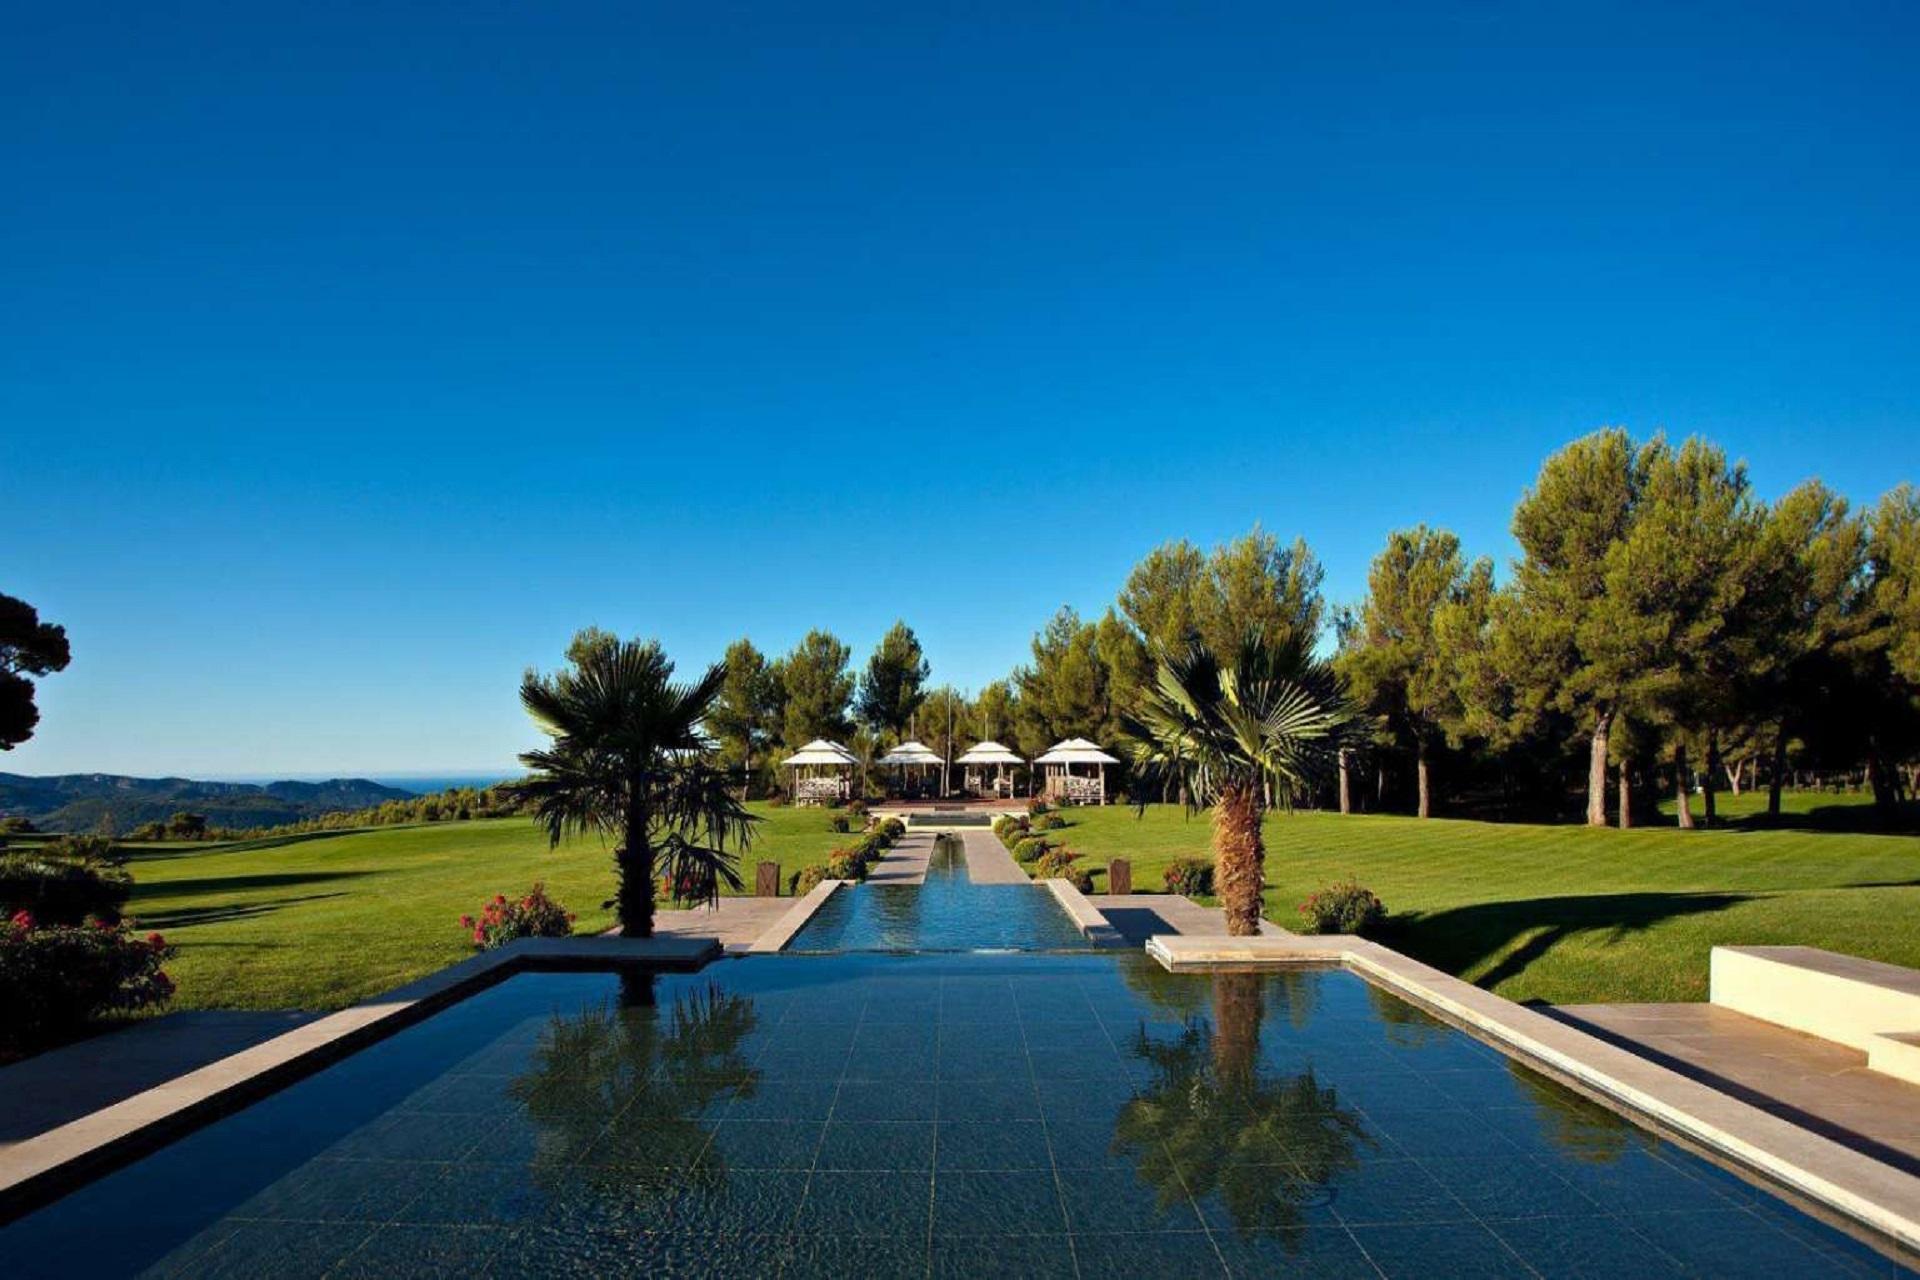 hotel-et-spa-du-castellet-provence-var-restanques-piscines